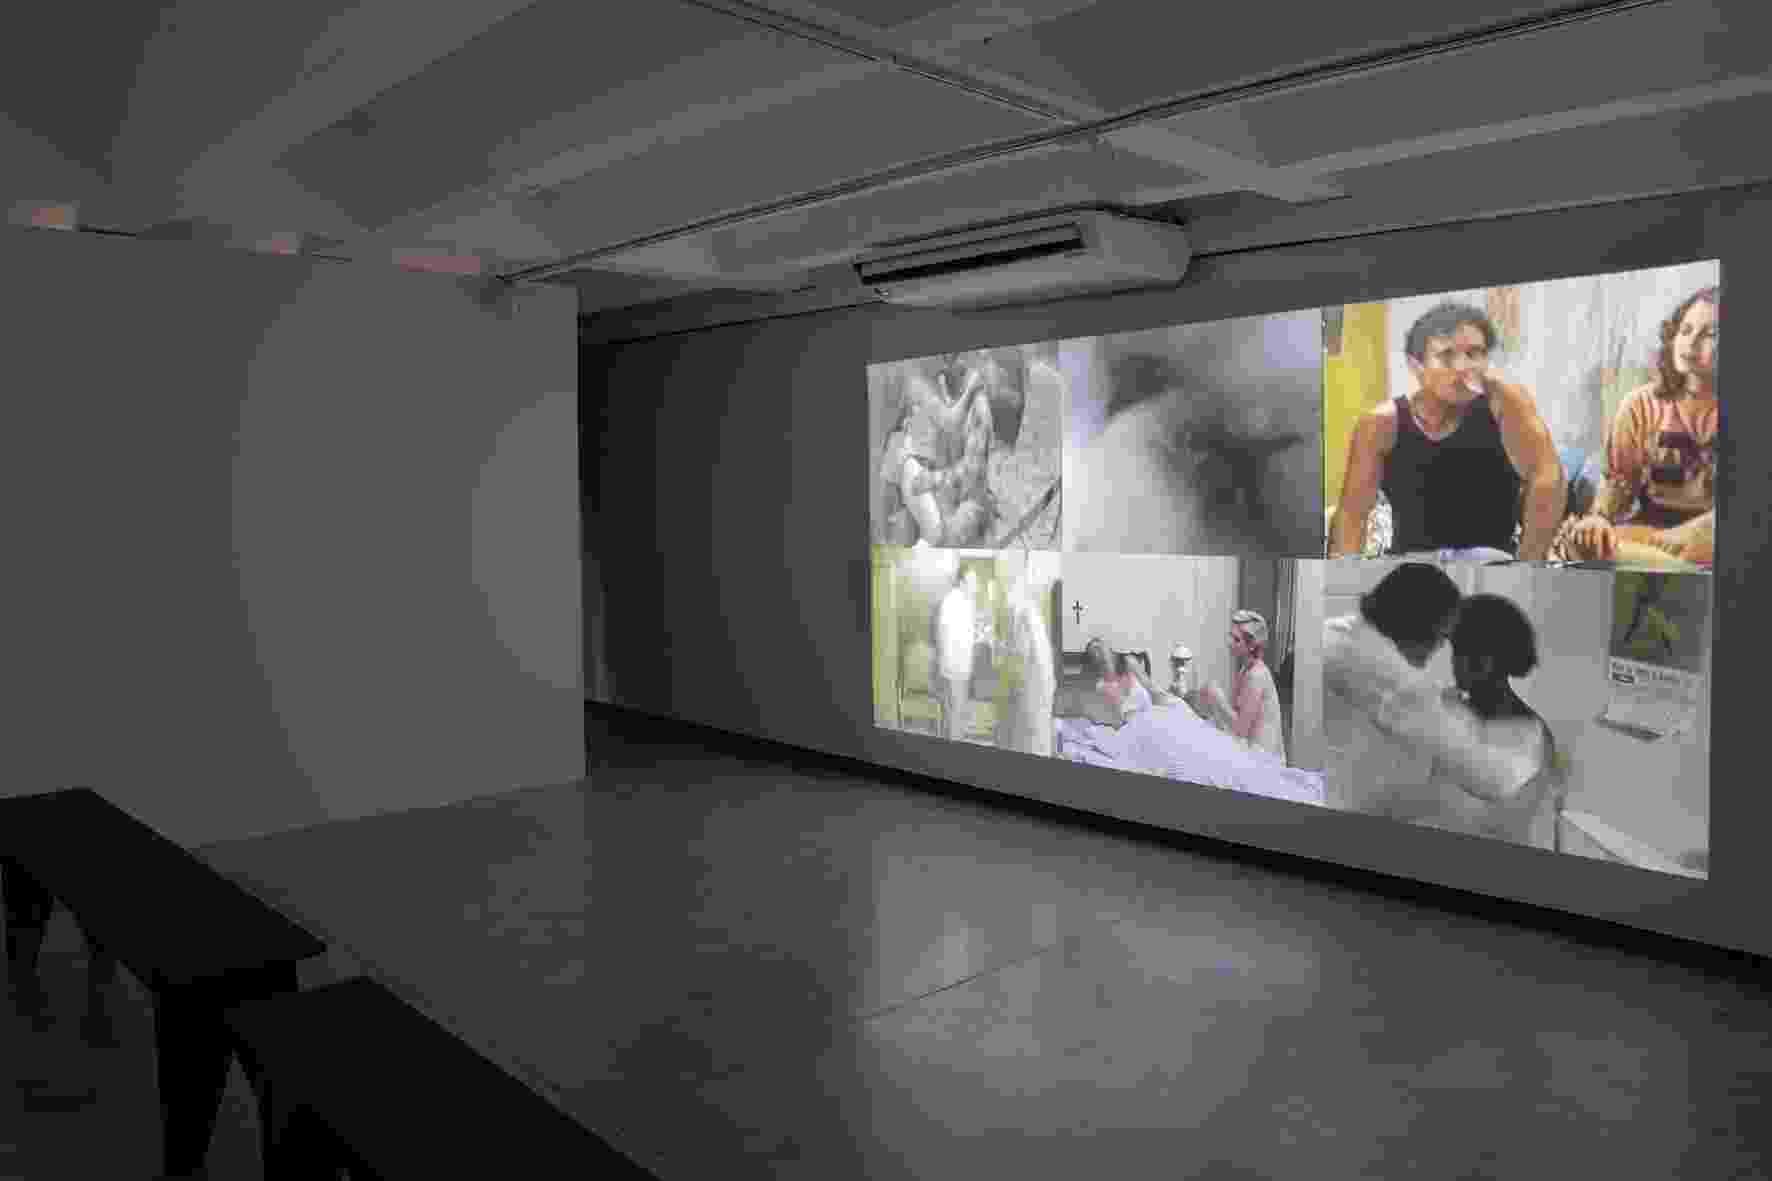 Último espaço da exposição mostra trechos cortados de filmes pela censura do governo militar - Leticia Godoy/Divulgação